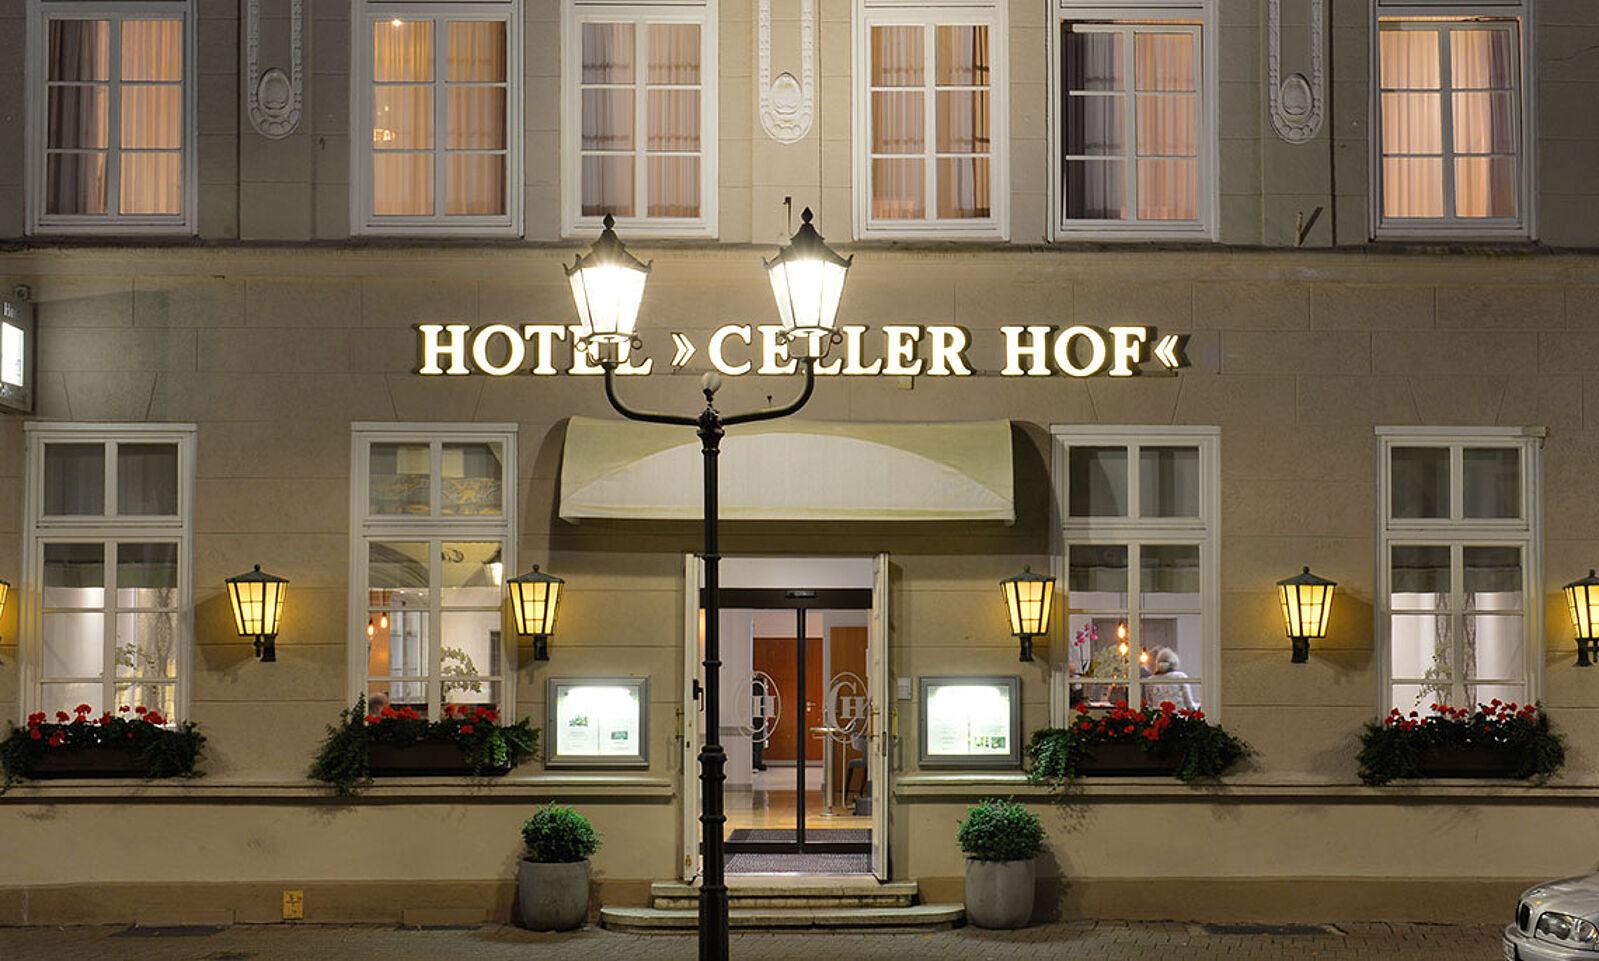 Celler Hof 3 Sterne Hotel In Der Historischen Altstadt Von Celle